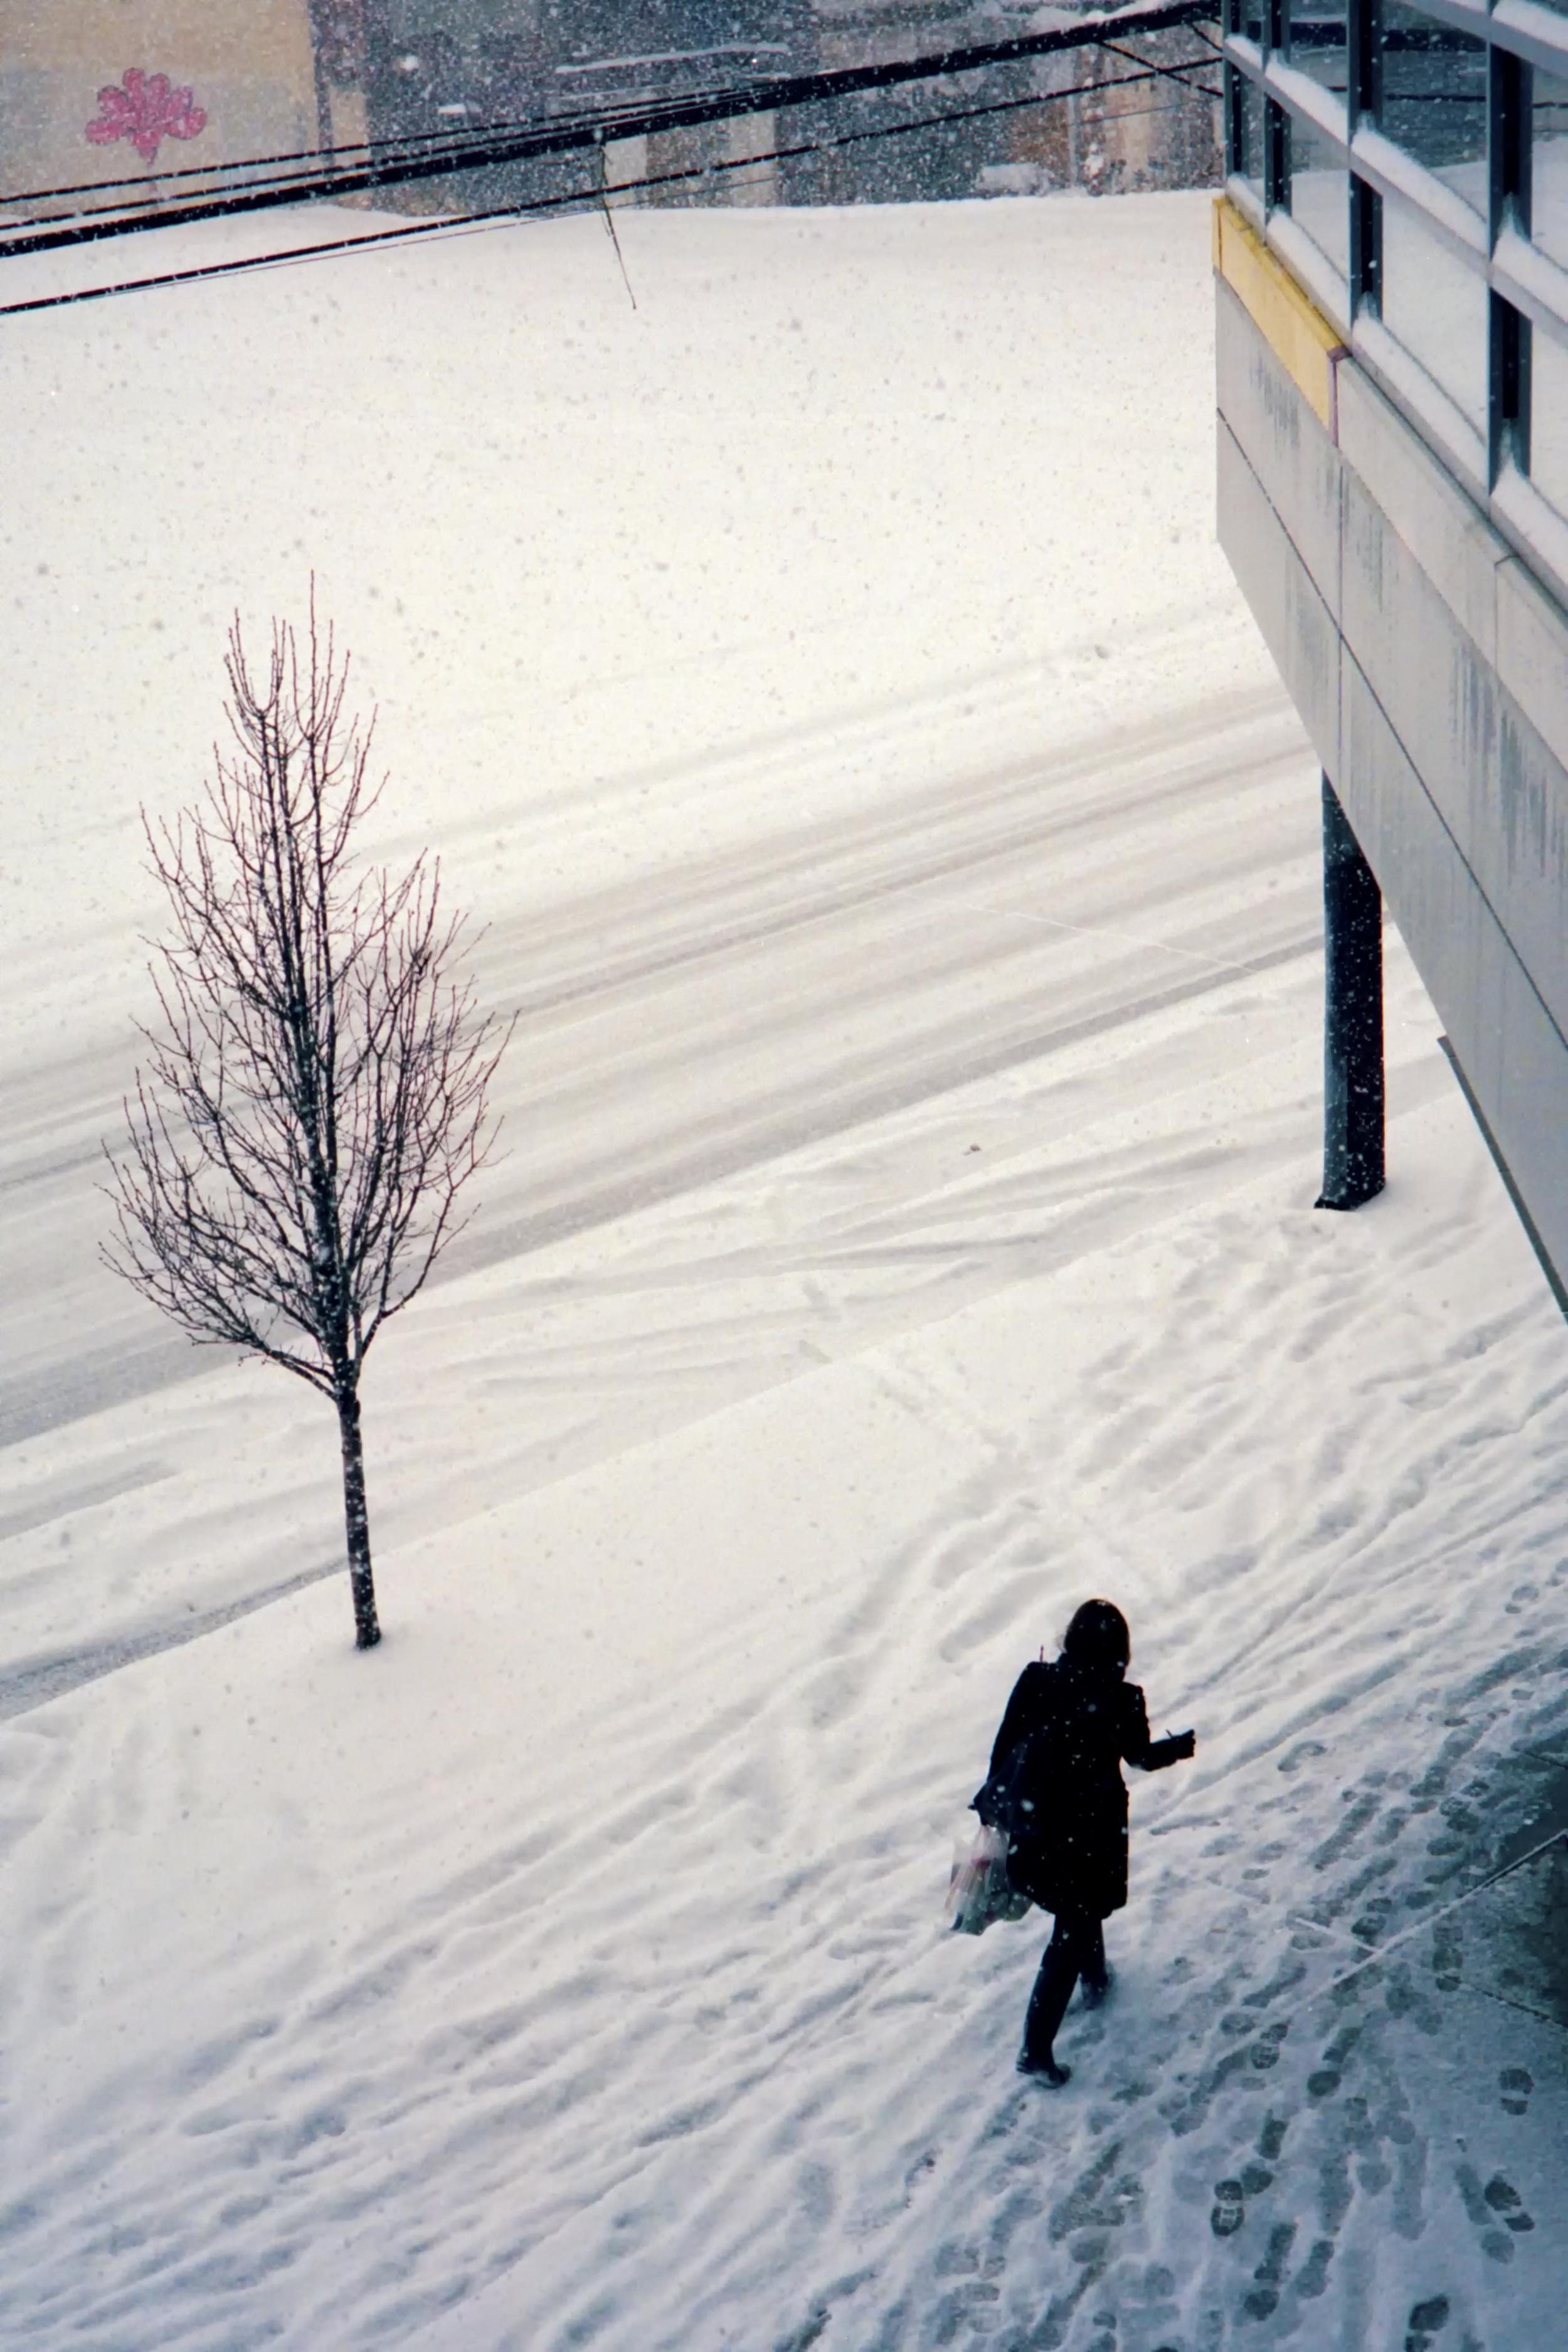 SnowStorm35mm_Roll1 15 300.jpg